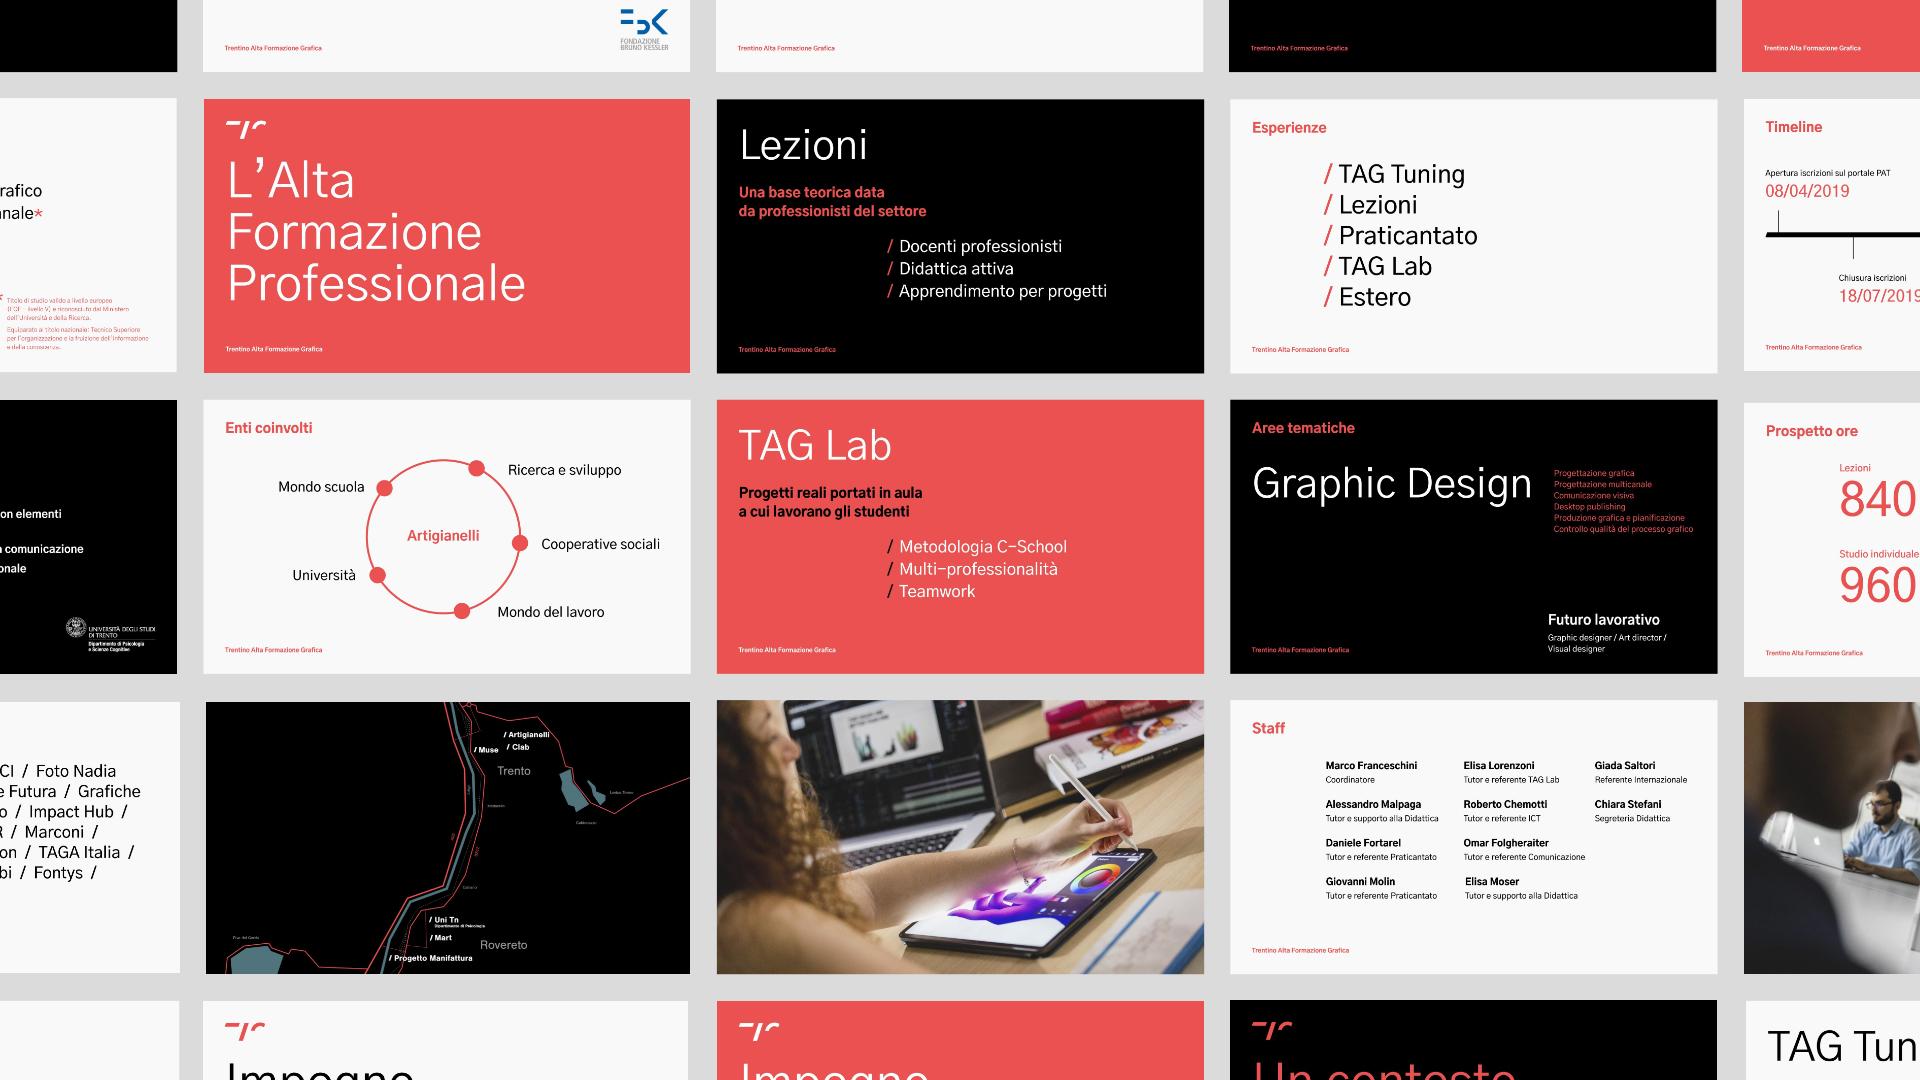 Esempi di layout sviluppati per le slide dell'Open Day.